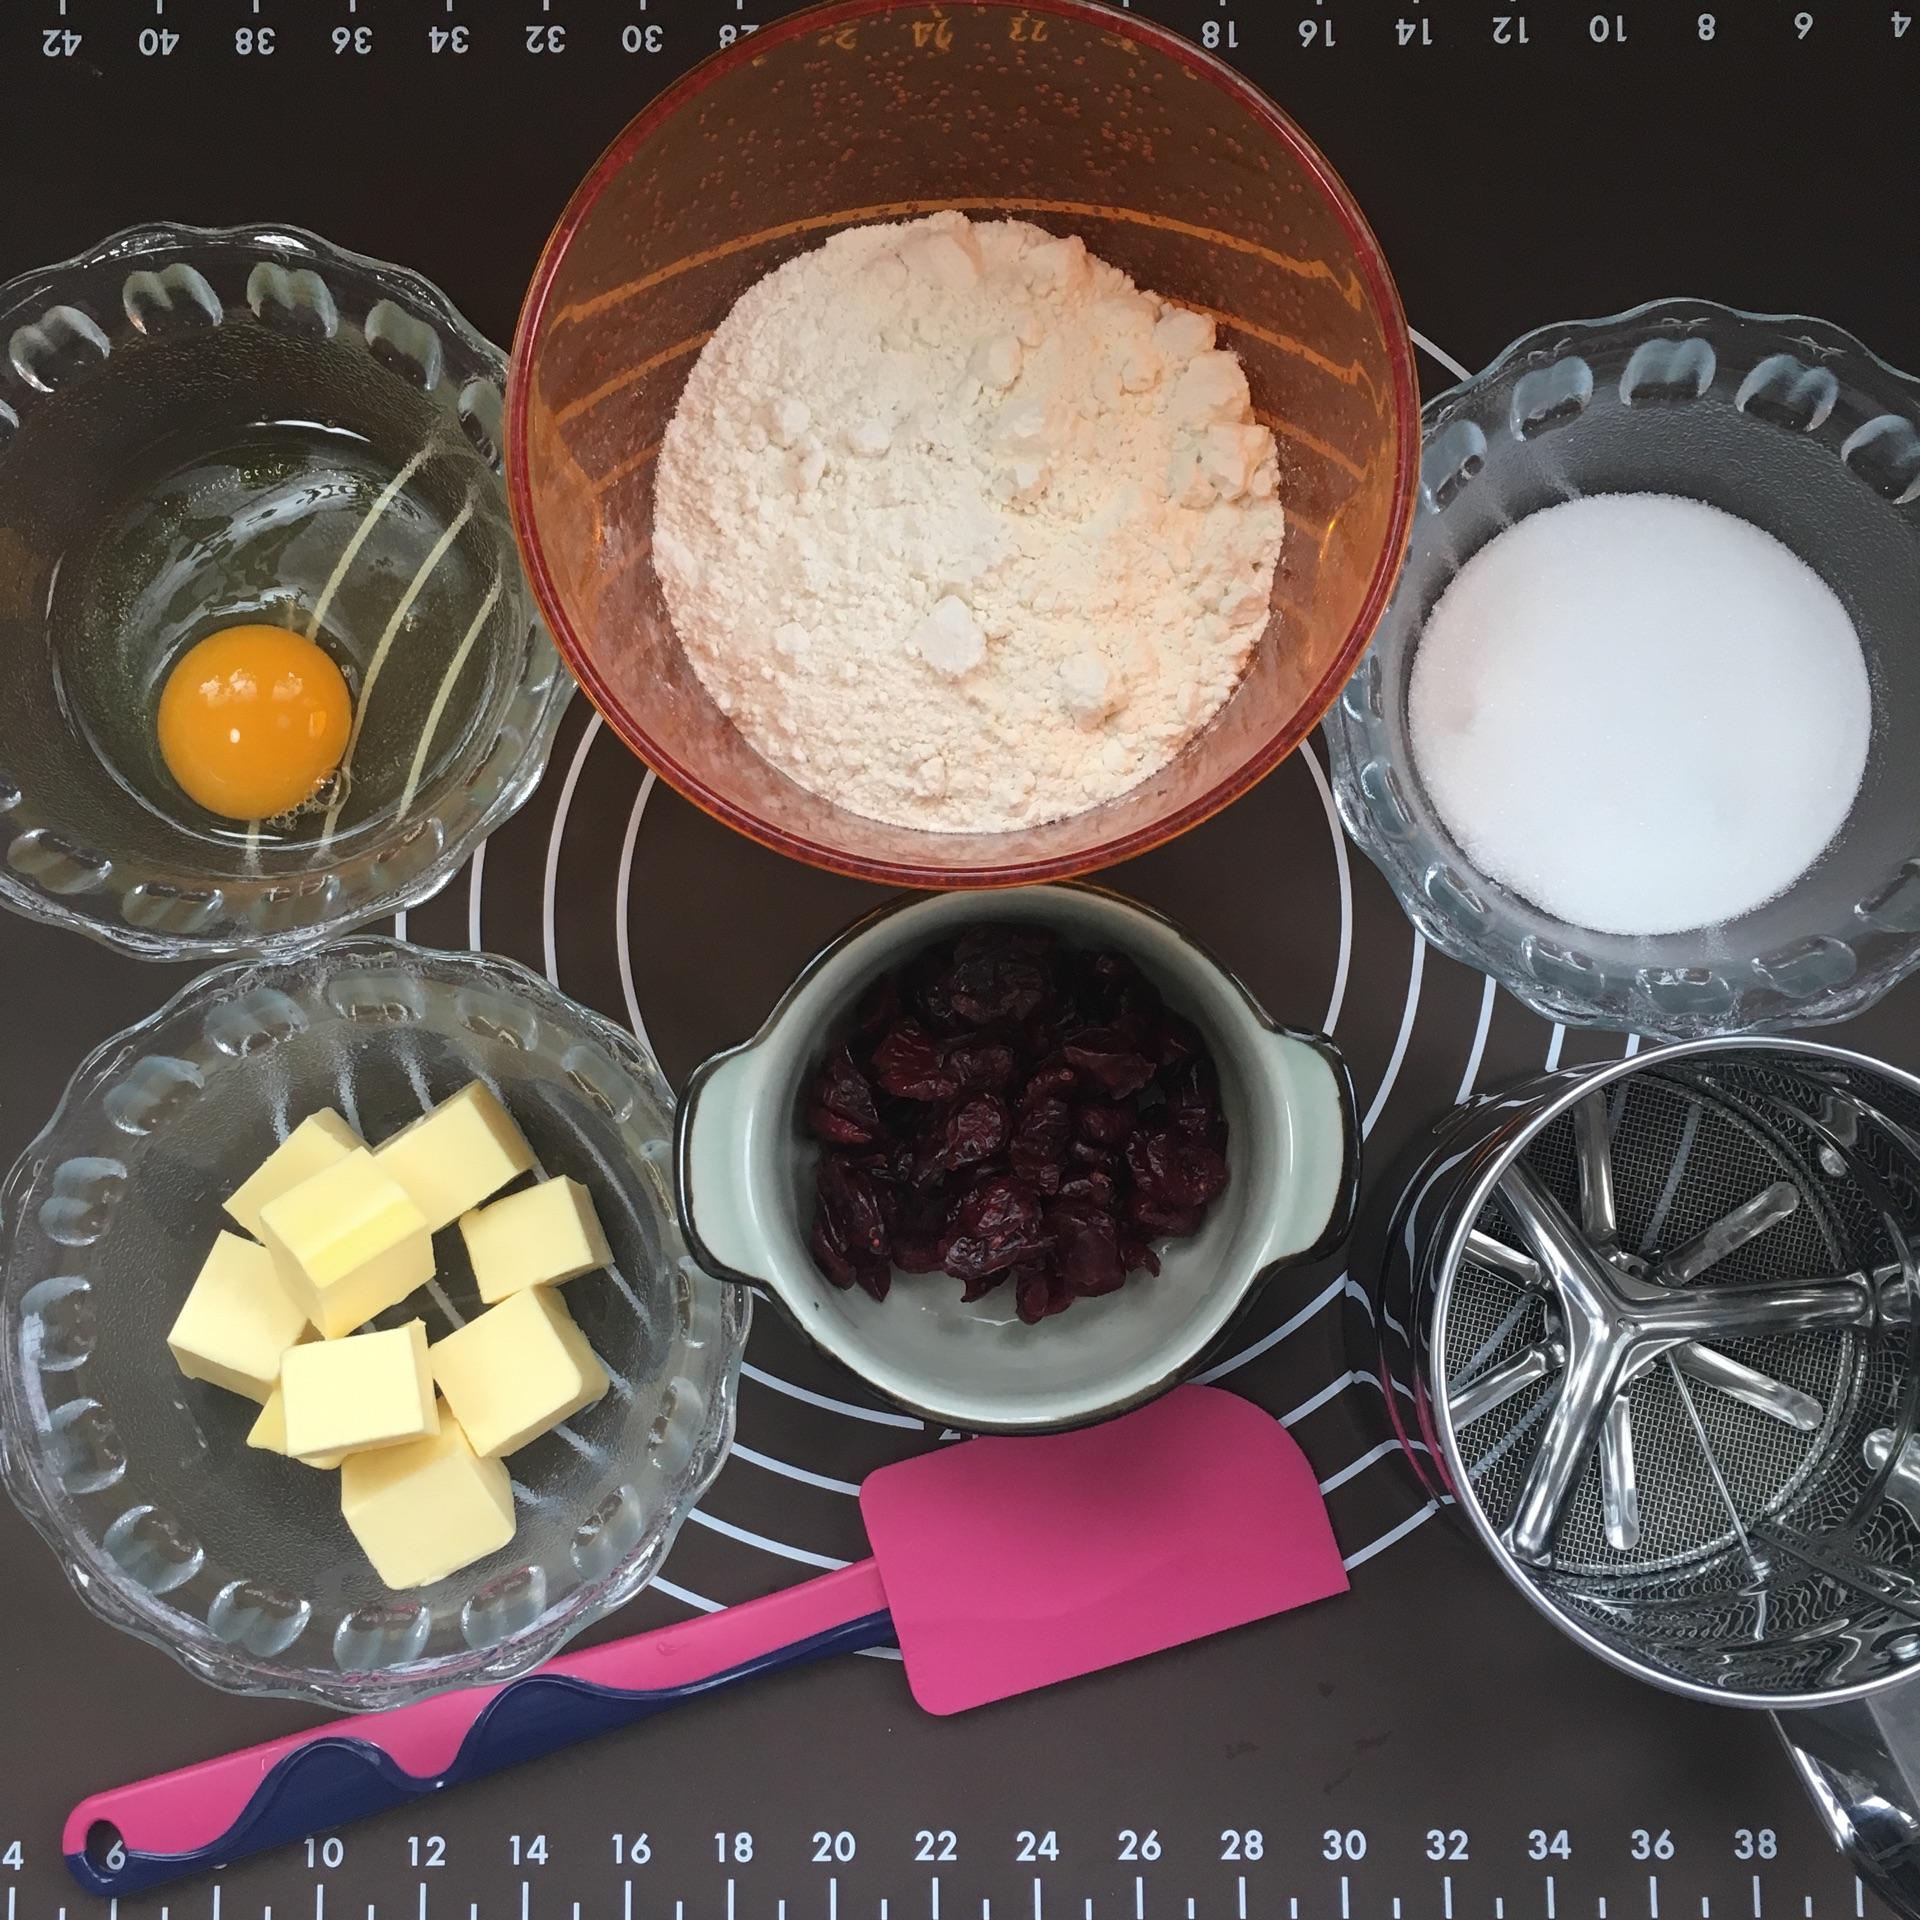 低糖无添加手工蔓越莓饼干的做法图解1